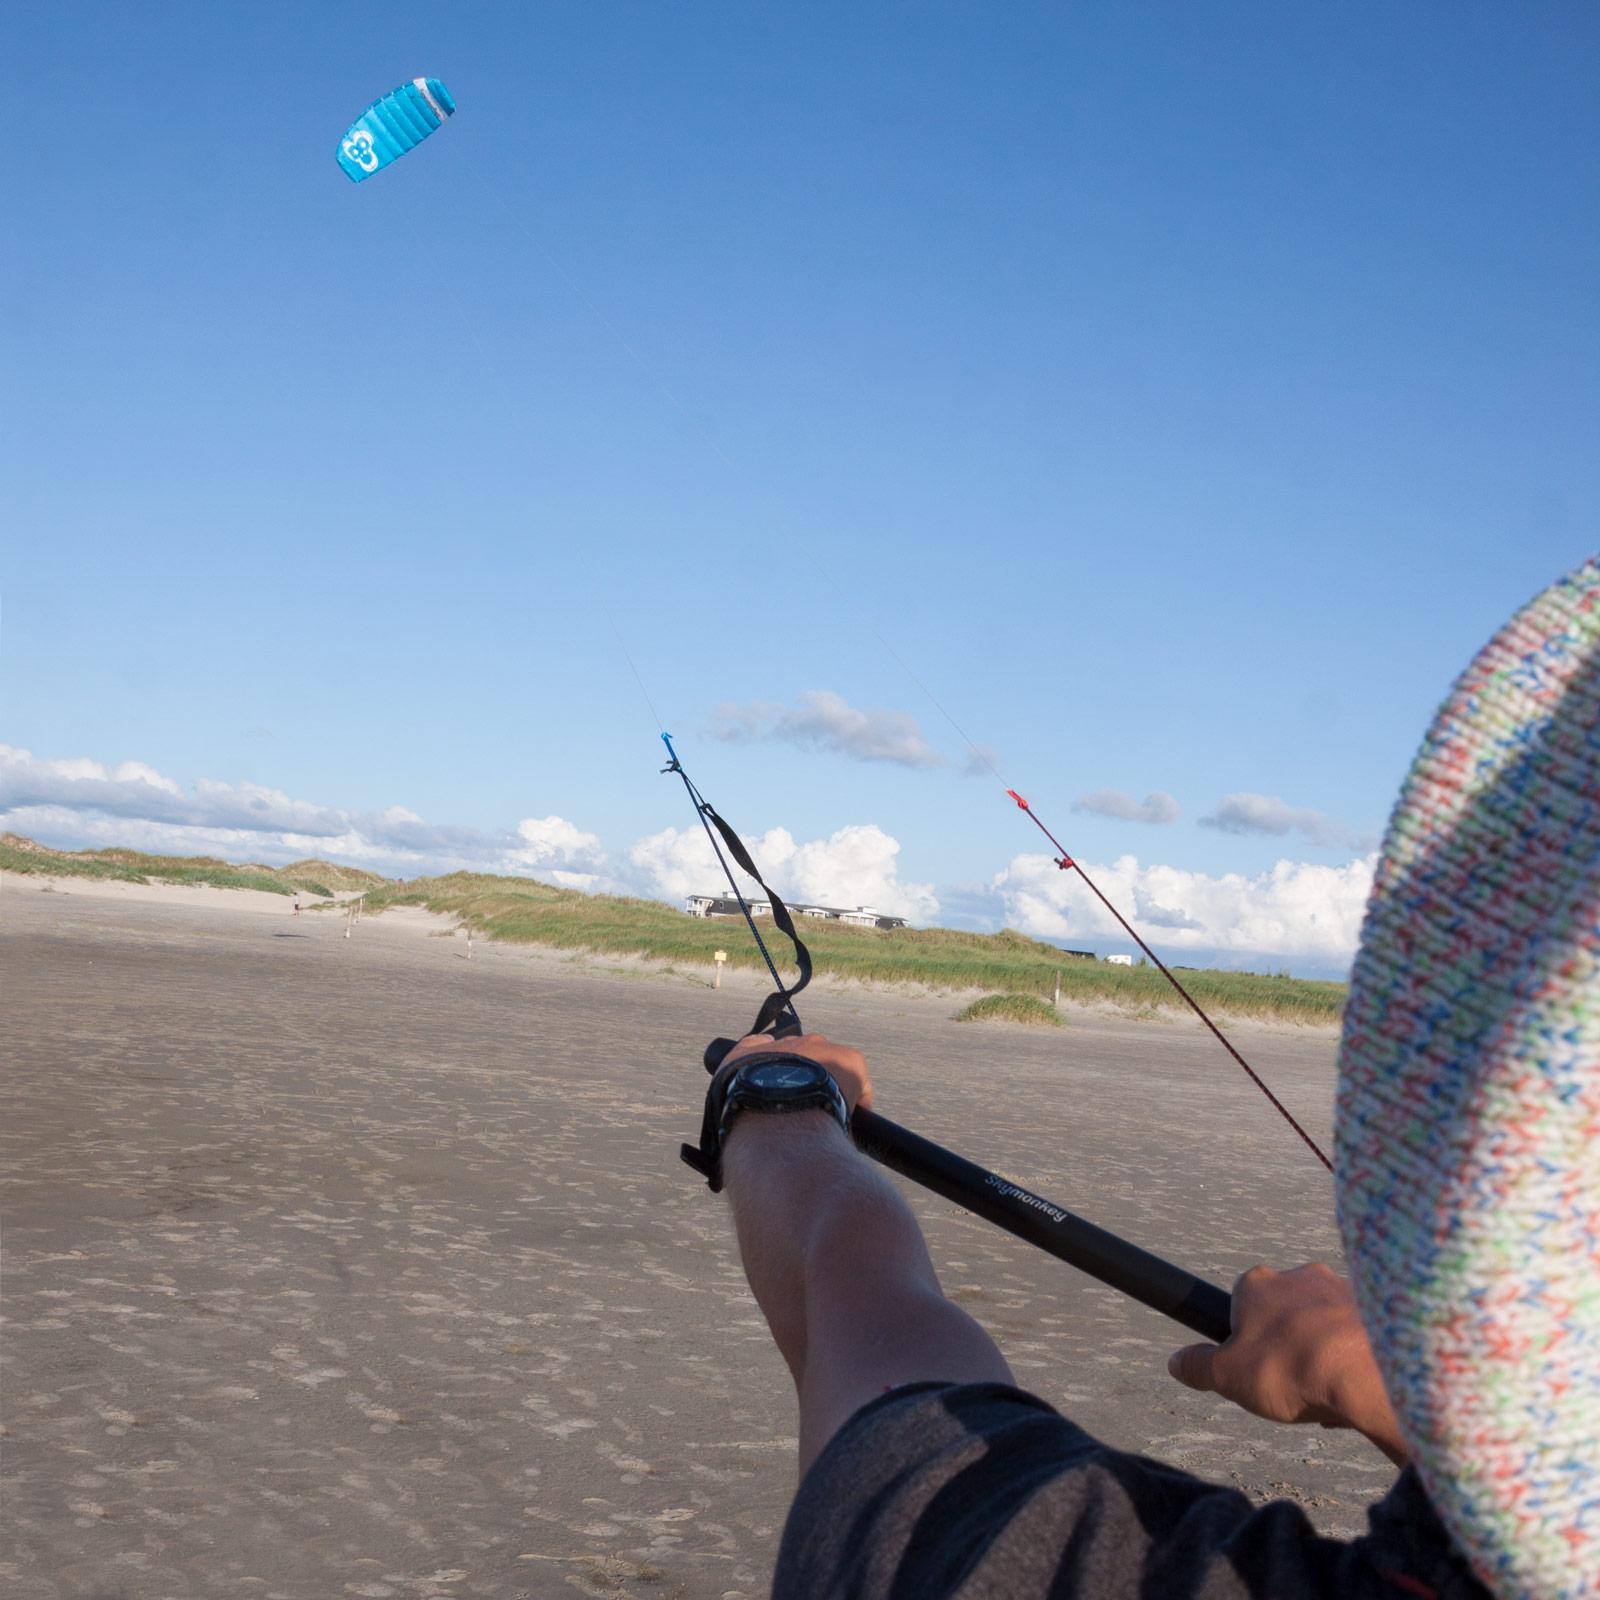 Indexbild 17 - Lenkdrachen SKYMONKEY Skystormer Lenkmatte Flugdrachen Kite Drachen Lenk Matte